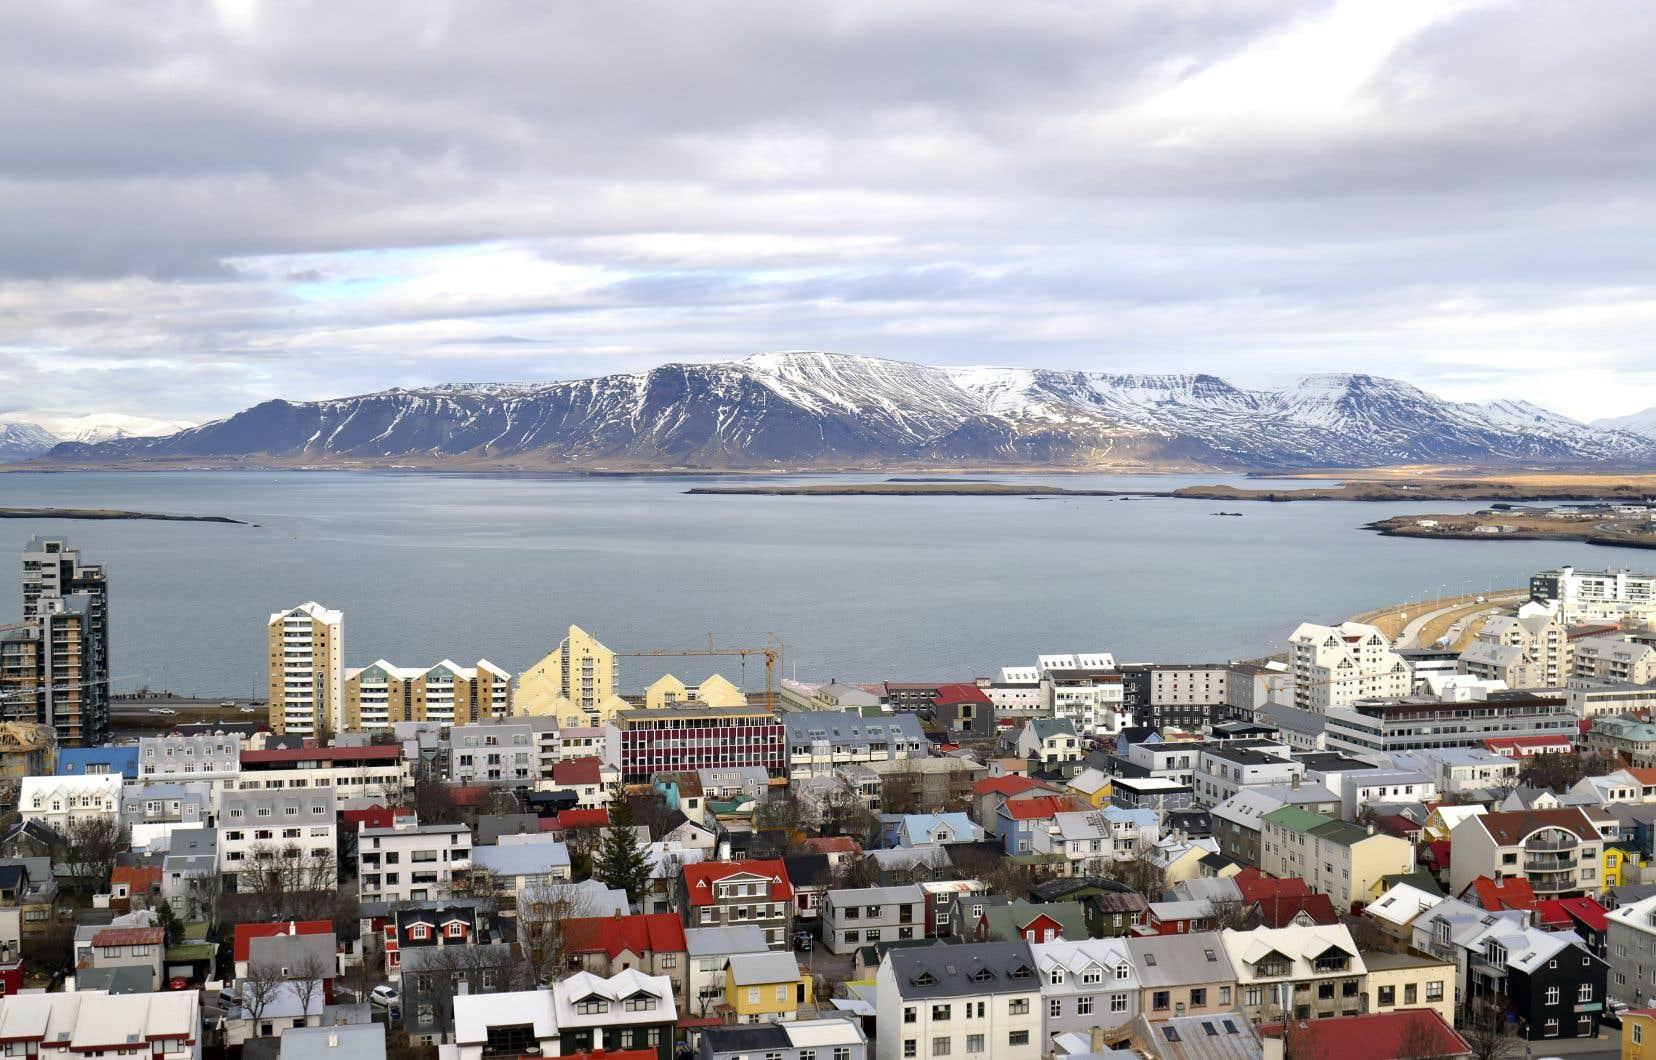 En Islande, les prix à la consommation étaient en moyenne 56% plus élevés que dans le reste de l'Europe en 2018.